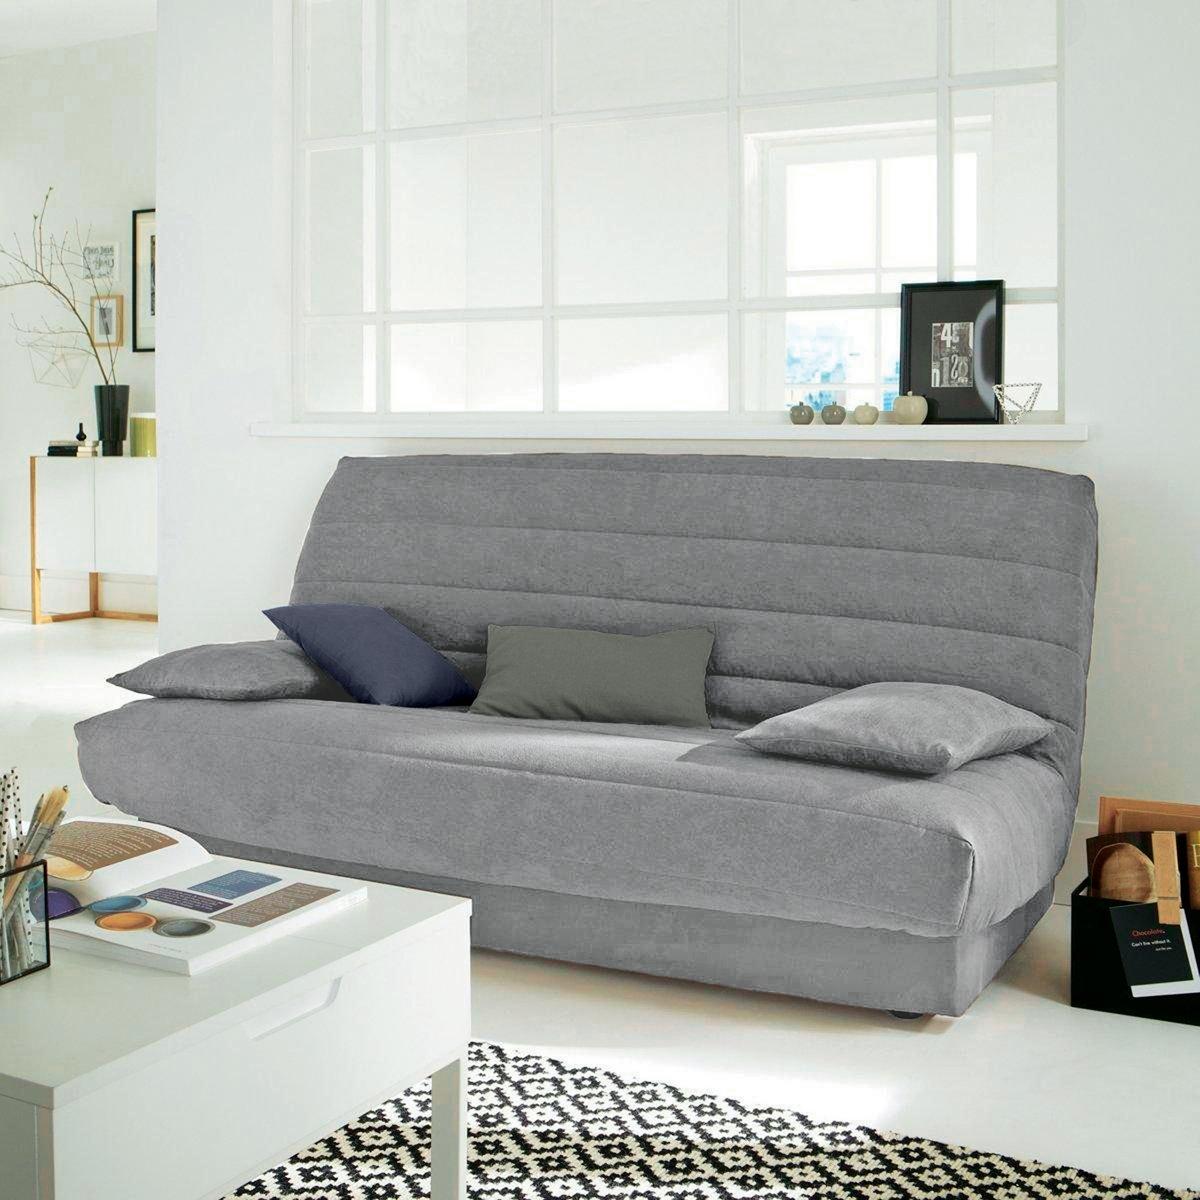 цена на Чехол La Redoute Для основания раскладного дивана из искусственной замши единый размер серый